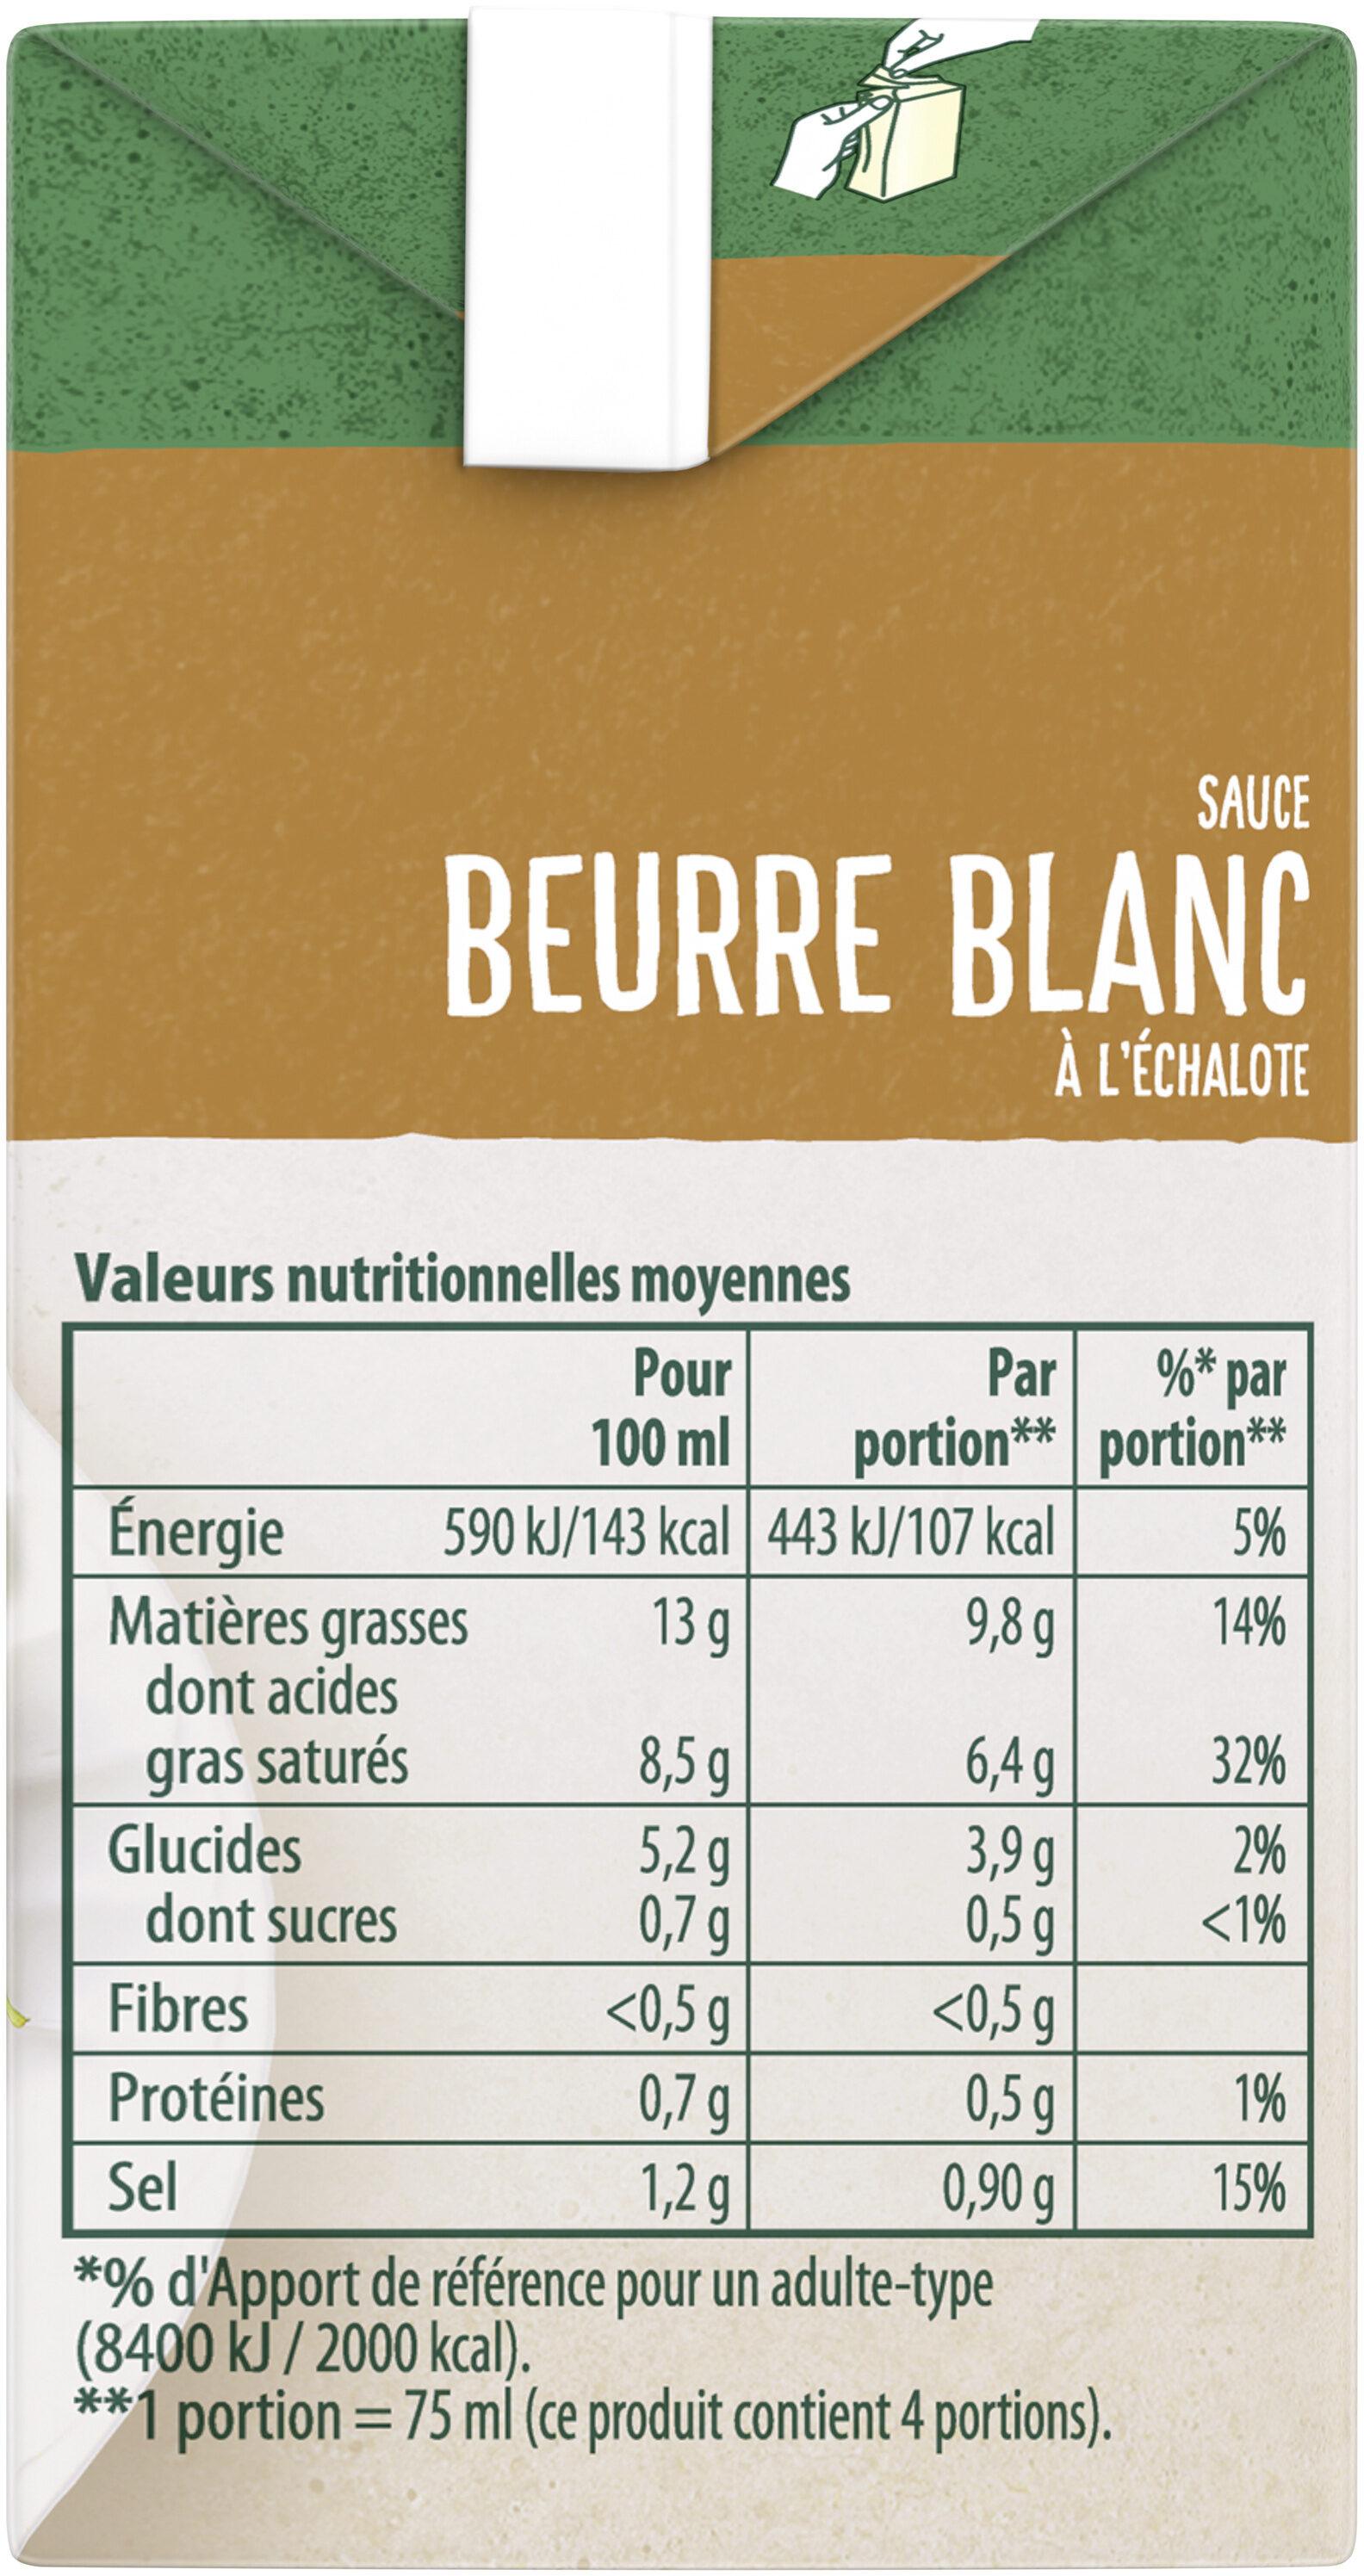 Knorr Sauce Chaude Beurre Blanc à l'Échalote Brique 30cl - Informations nutritionnelles - fr